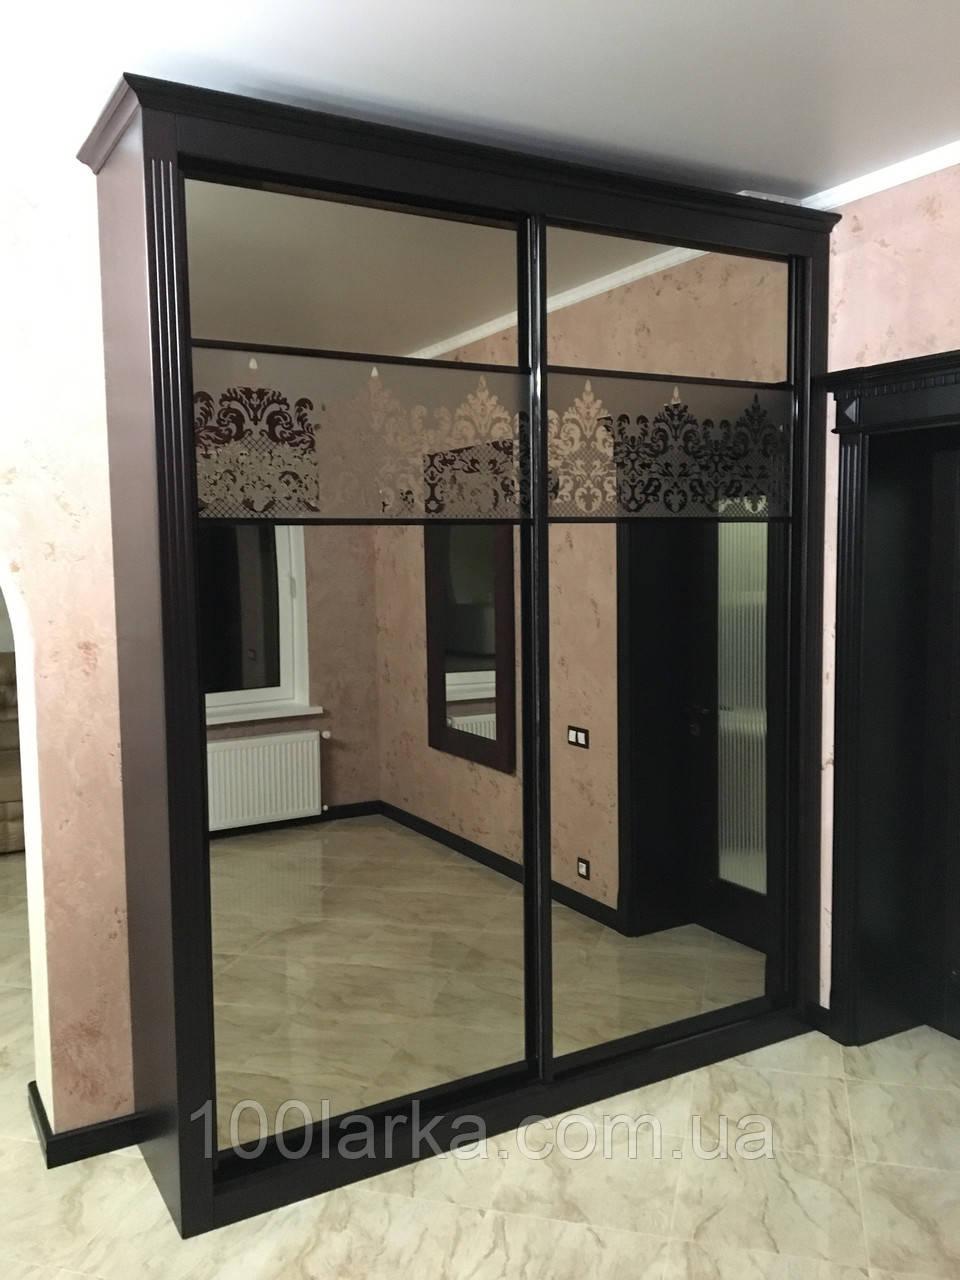 Шкаф купе, деревянный фасад с зеркалом.